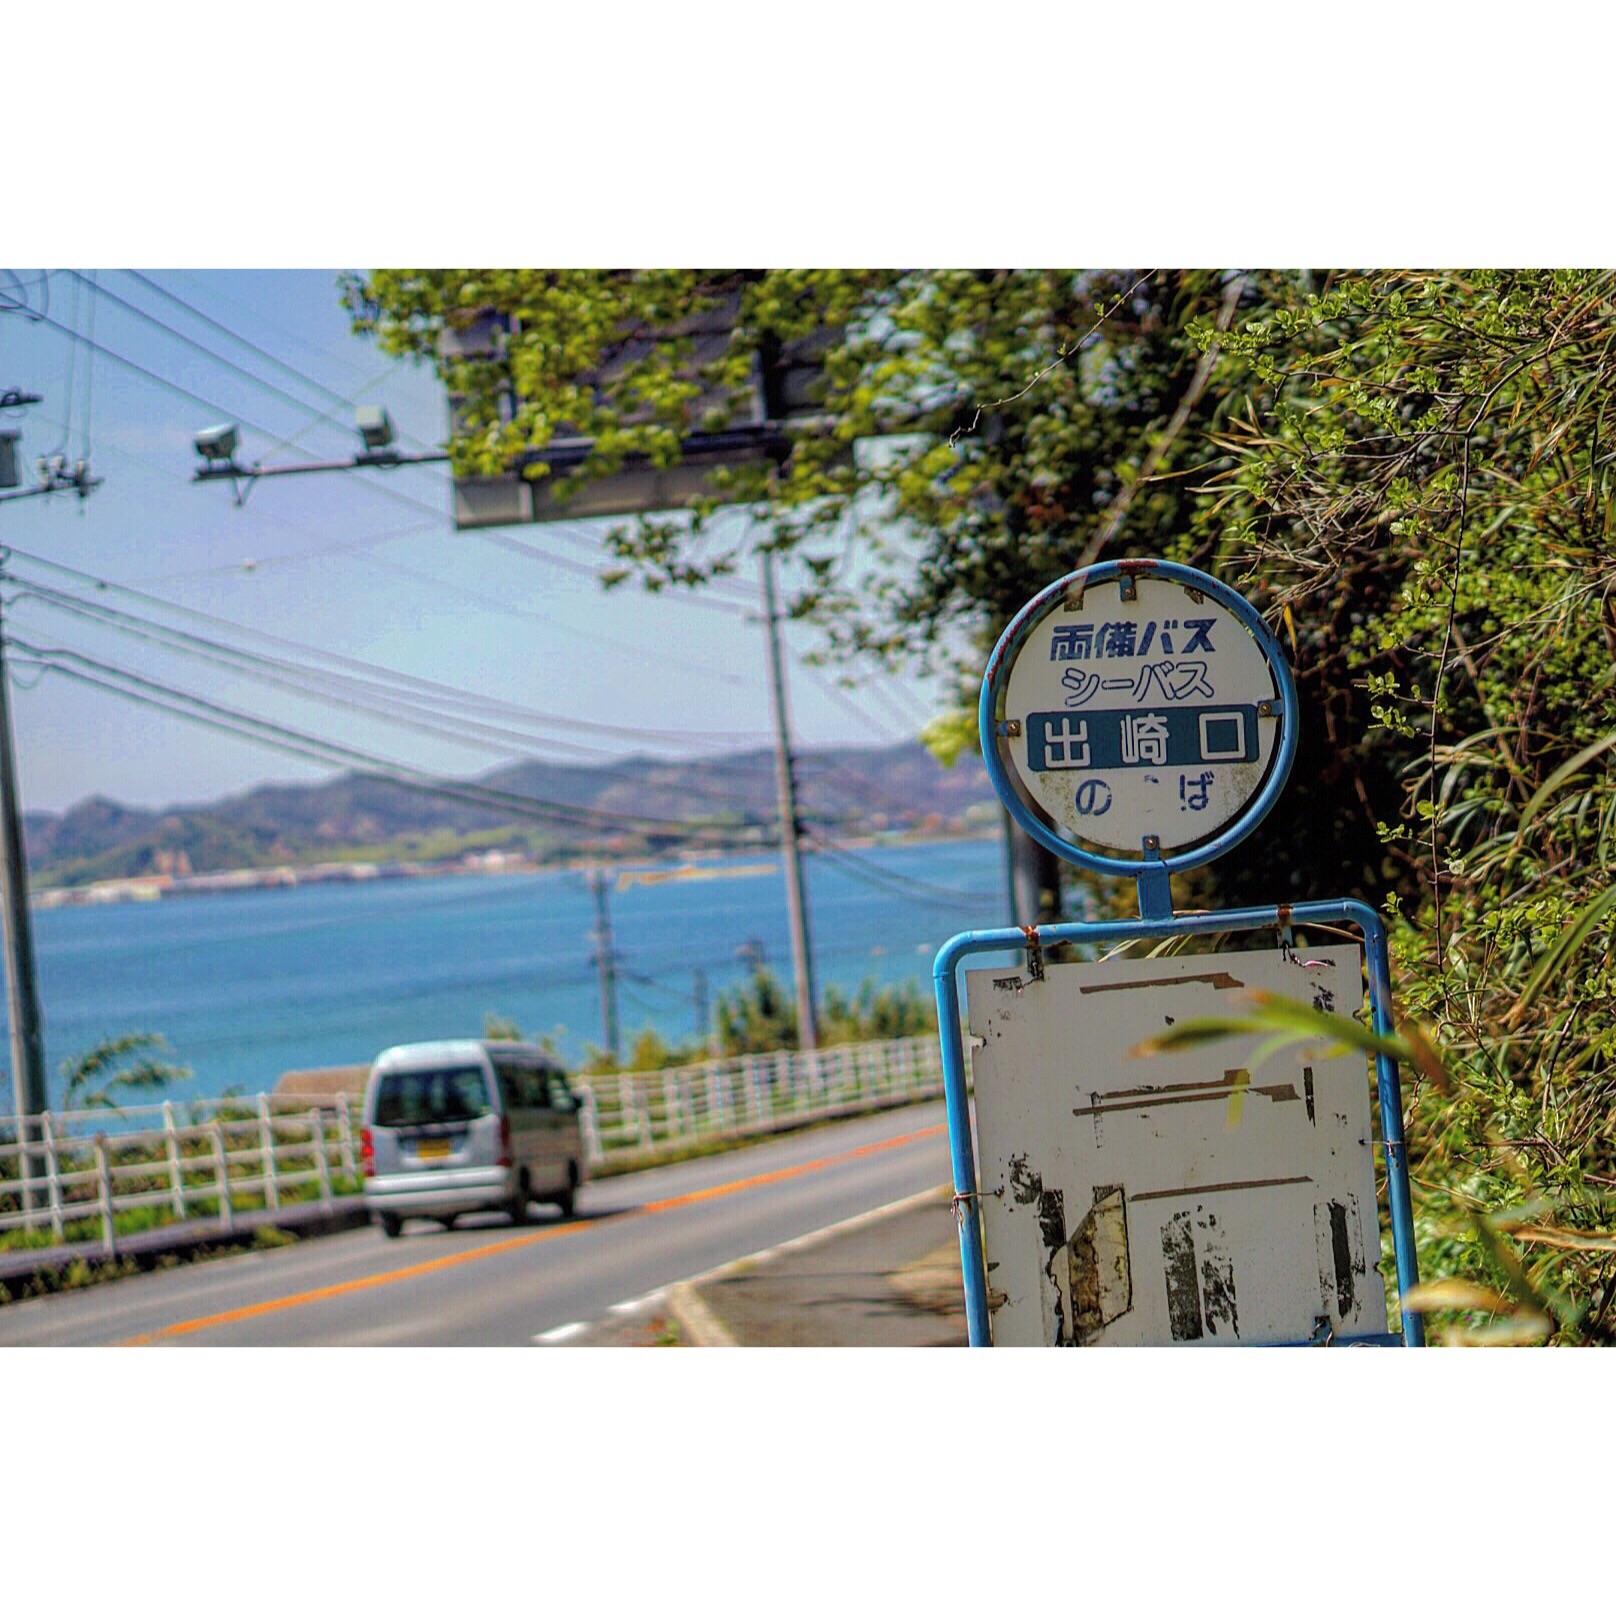 f:id:Yosuke0912:20180414193959j:image